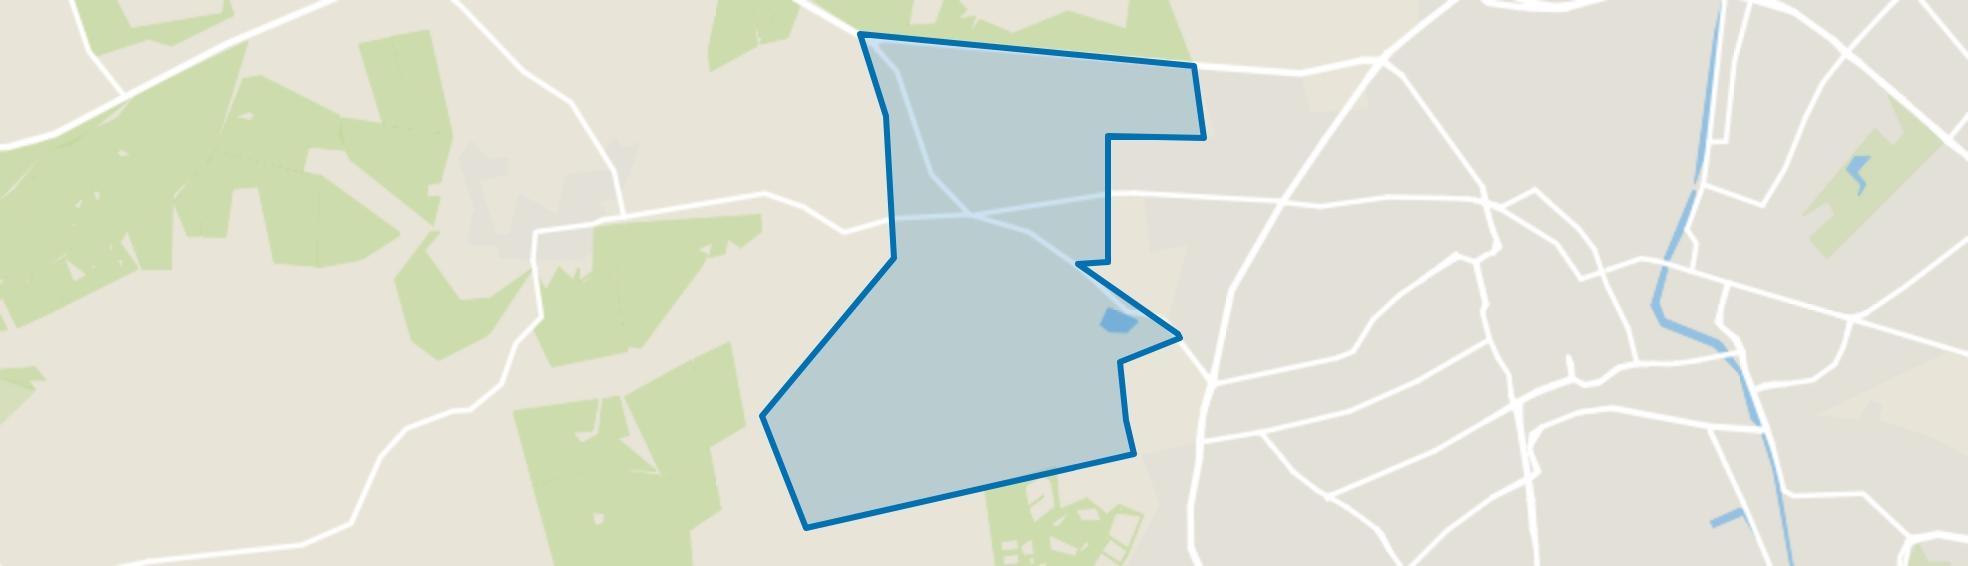 Park Berg en Bos, Apeldoorn map